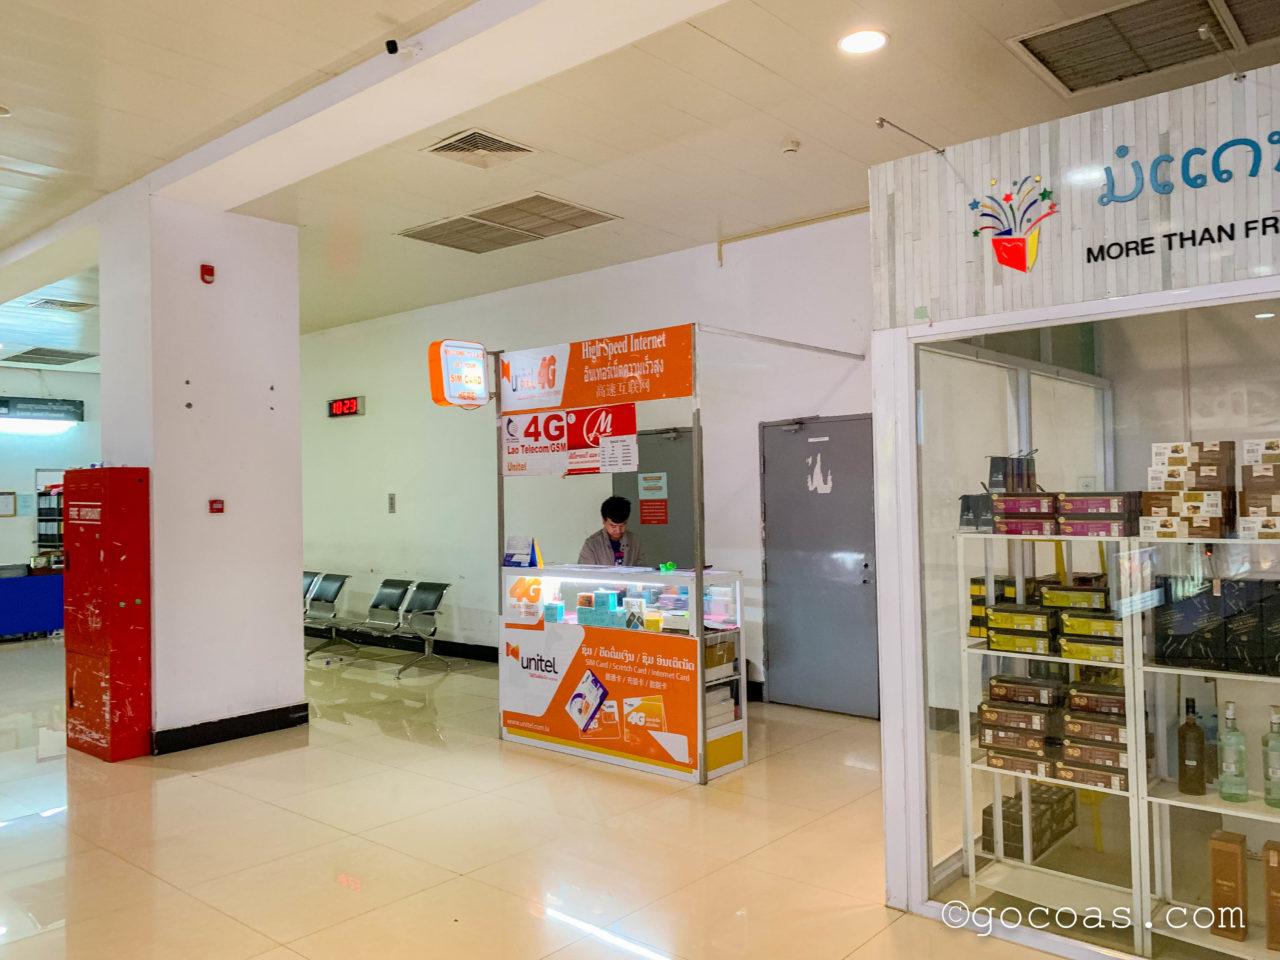 ルアンパバーン国際空港のunitelのSIMカード売り場